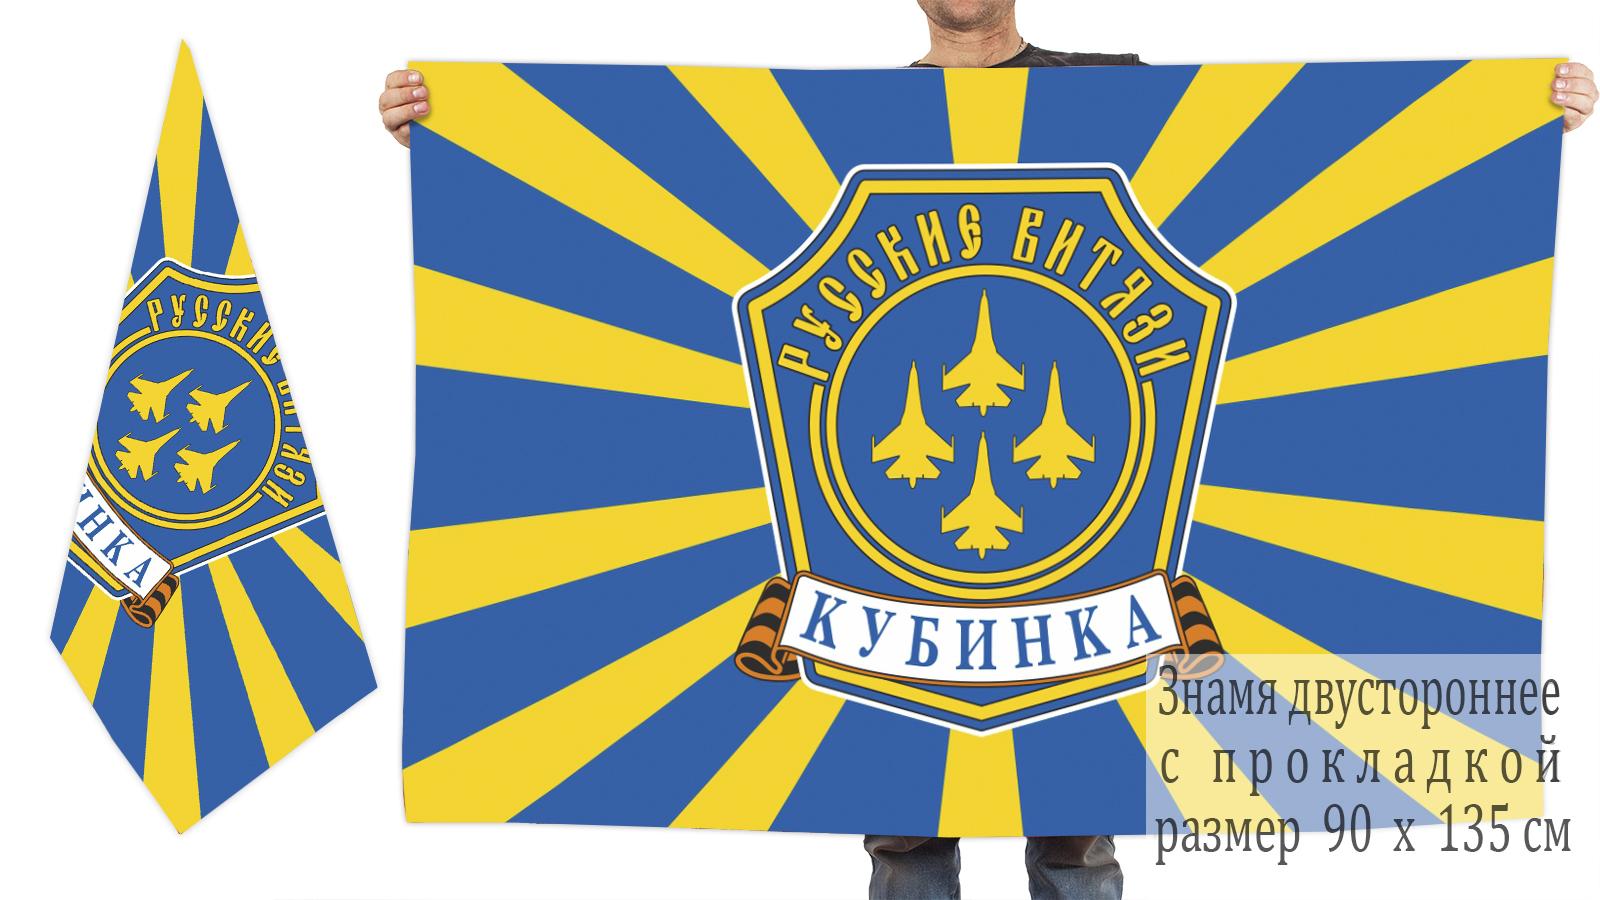 Купить в военторге двухсторонний флаг Русских Витязей, Кубинка